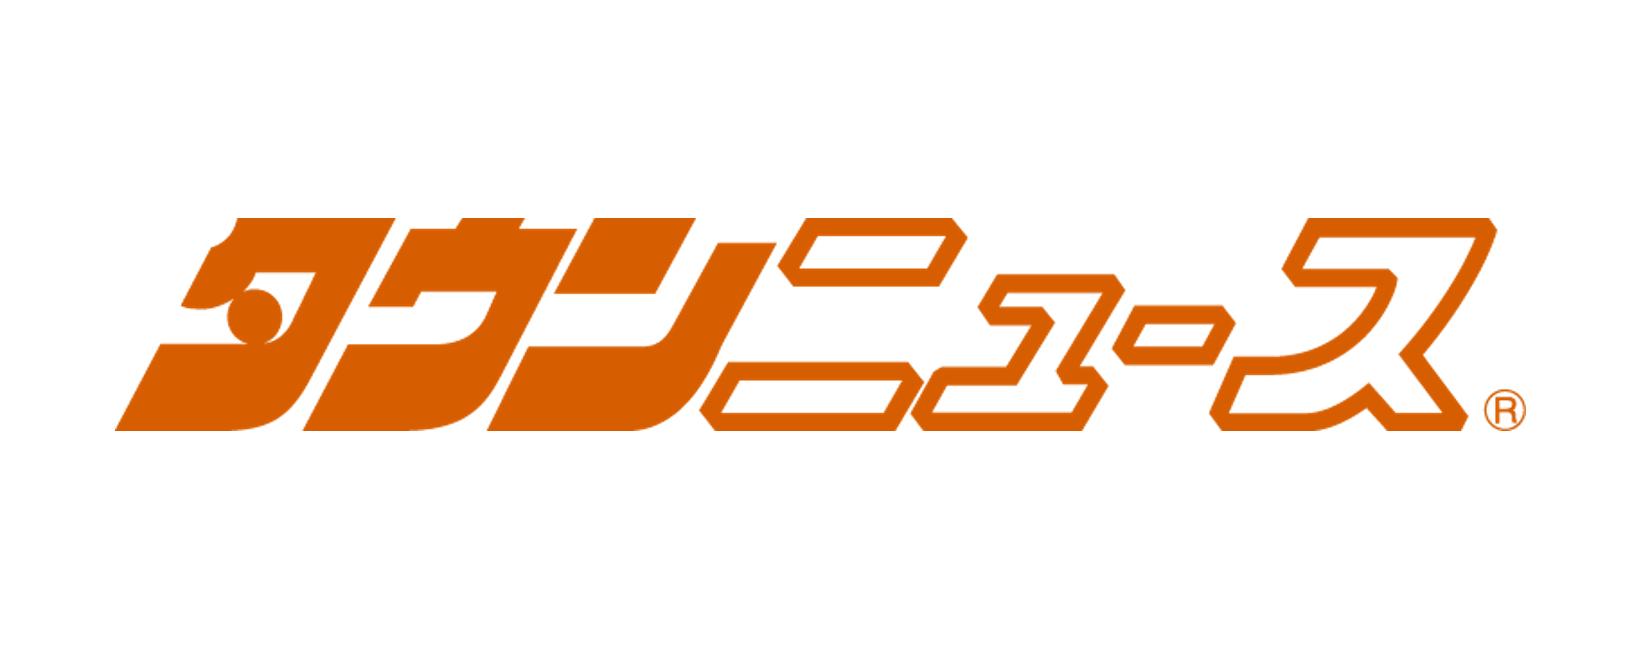 【いのちのコラム】平成30年度第5回掲載のお知らせ